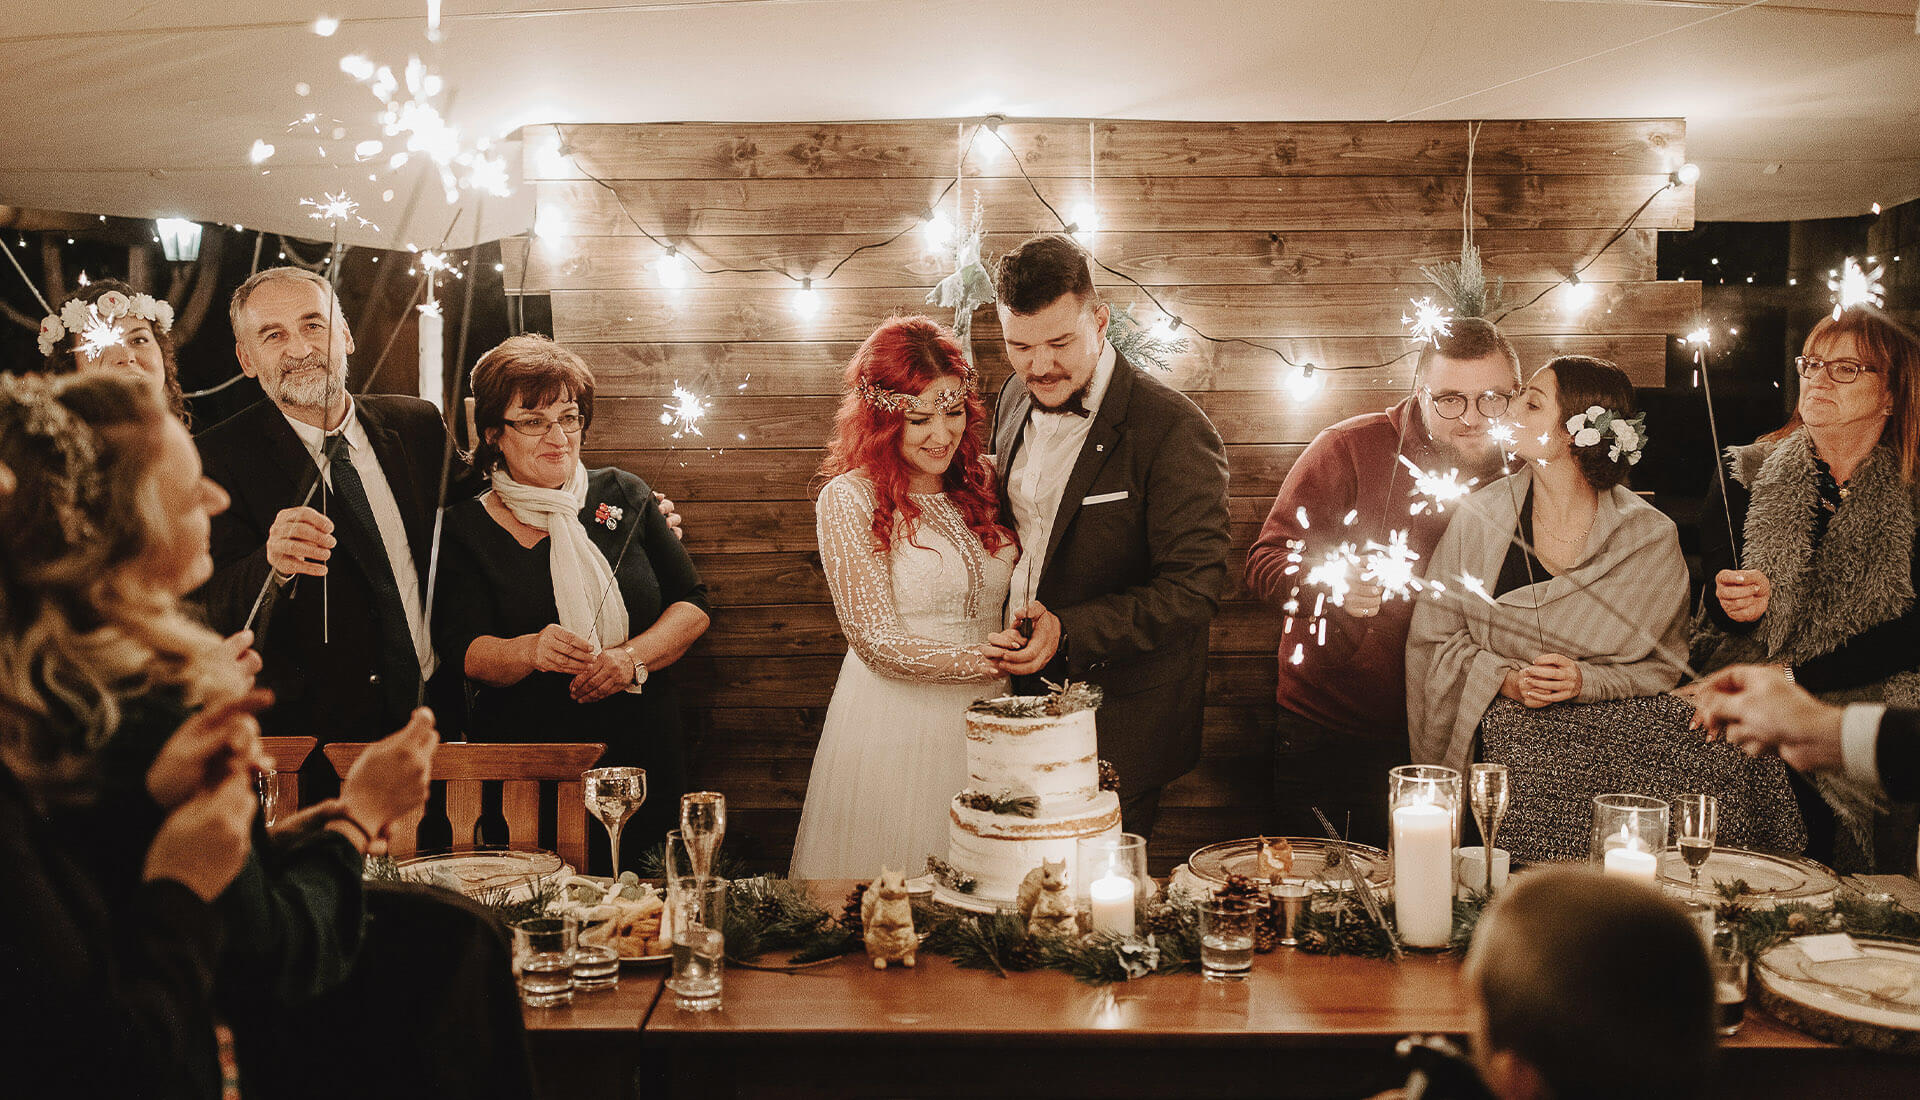 Susan&Sis decor - svadobná výzdoba a dekorácie svadieb a eventov - prírodná lesná svadba